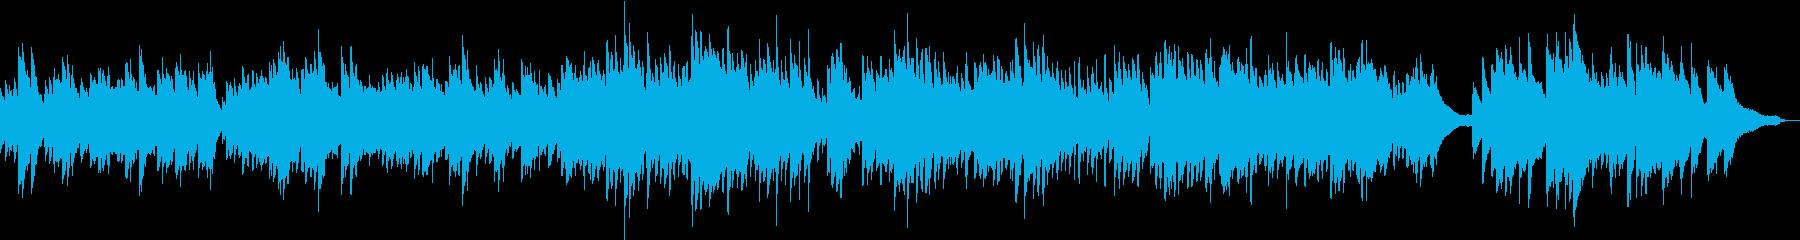 企業VPや映像に感動・優しいピアノソロの再生済みの波形